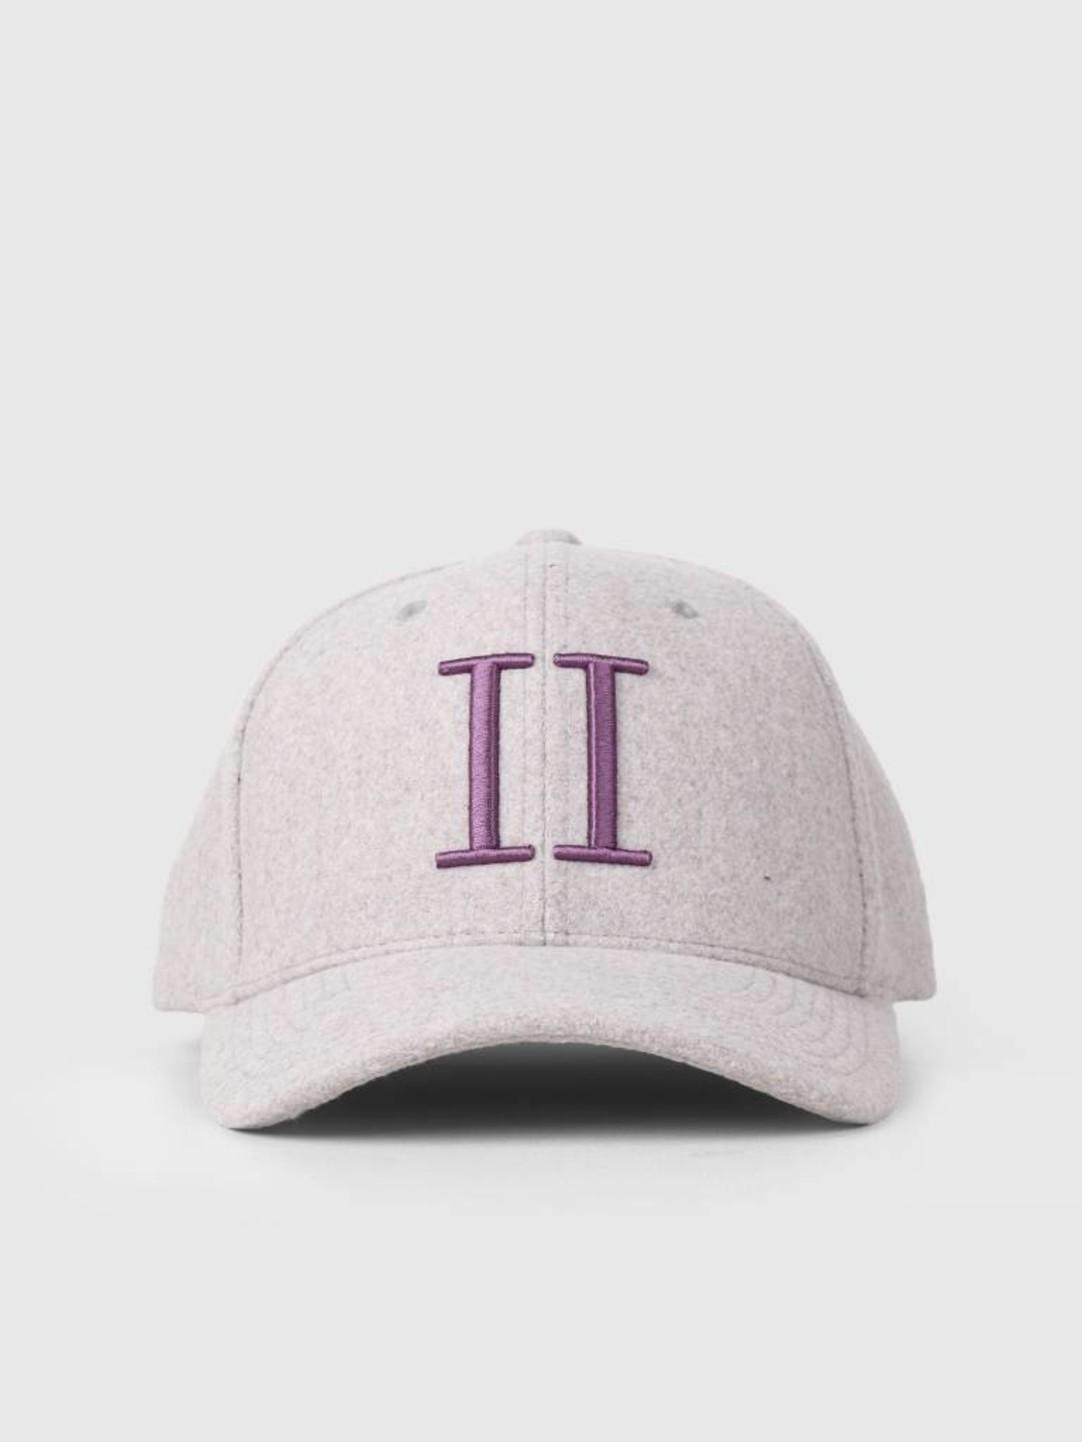 Les Deux Les Deux Weaved 3D II Baseball Cap Light Purple Dark Purple LDM702019